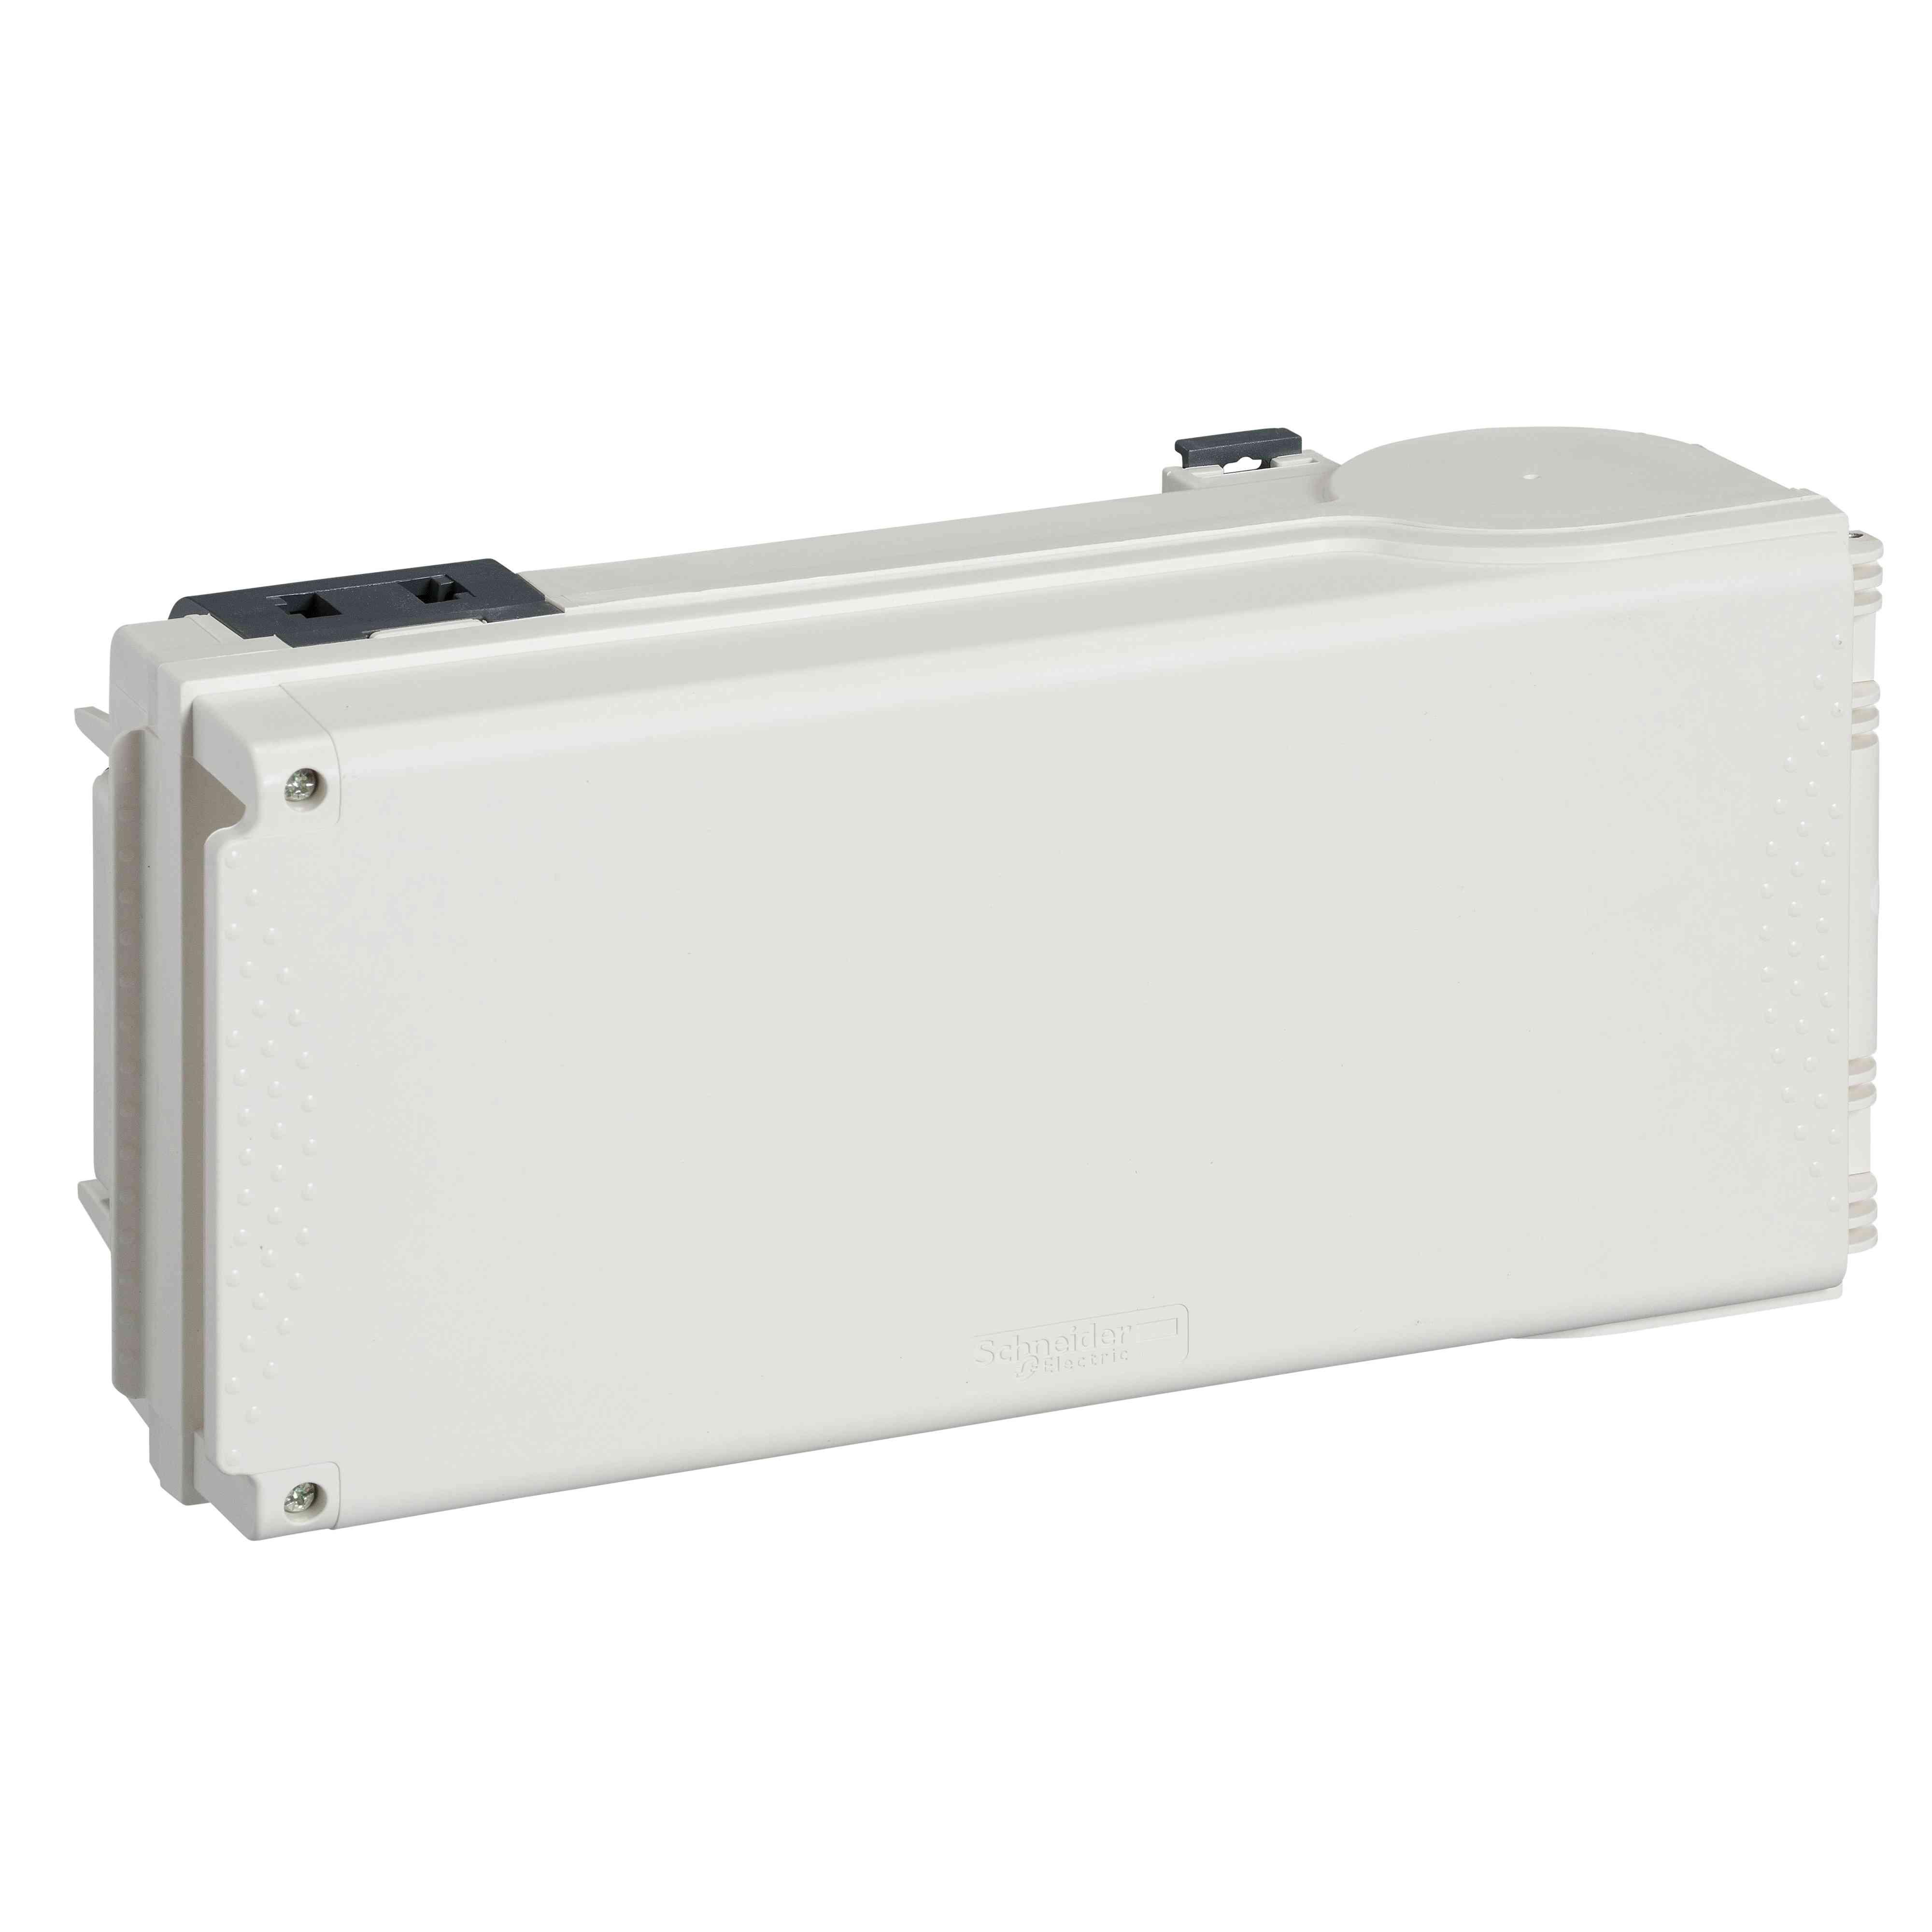 Canalis - enota prenapetostne zaščite za var. BS88 - A1 - 32 A z izol.